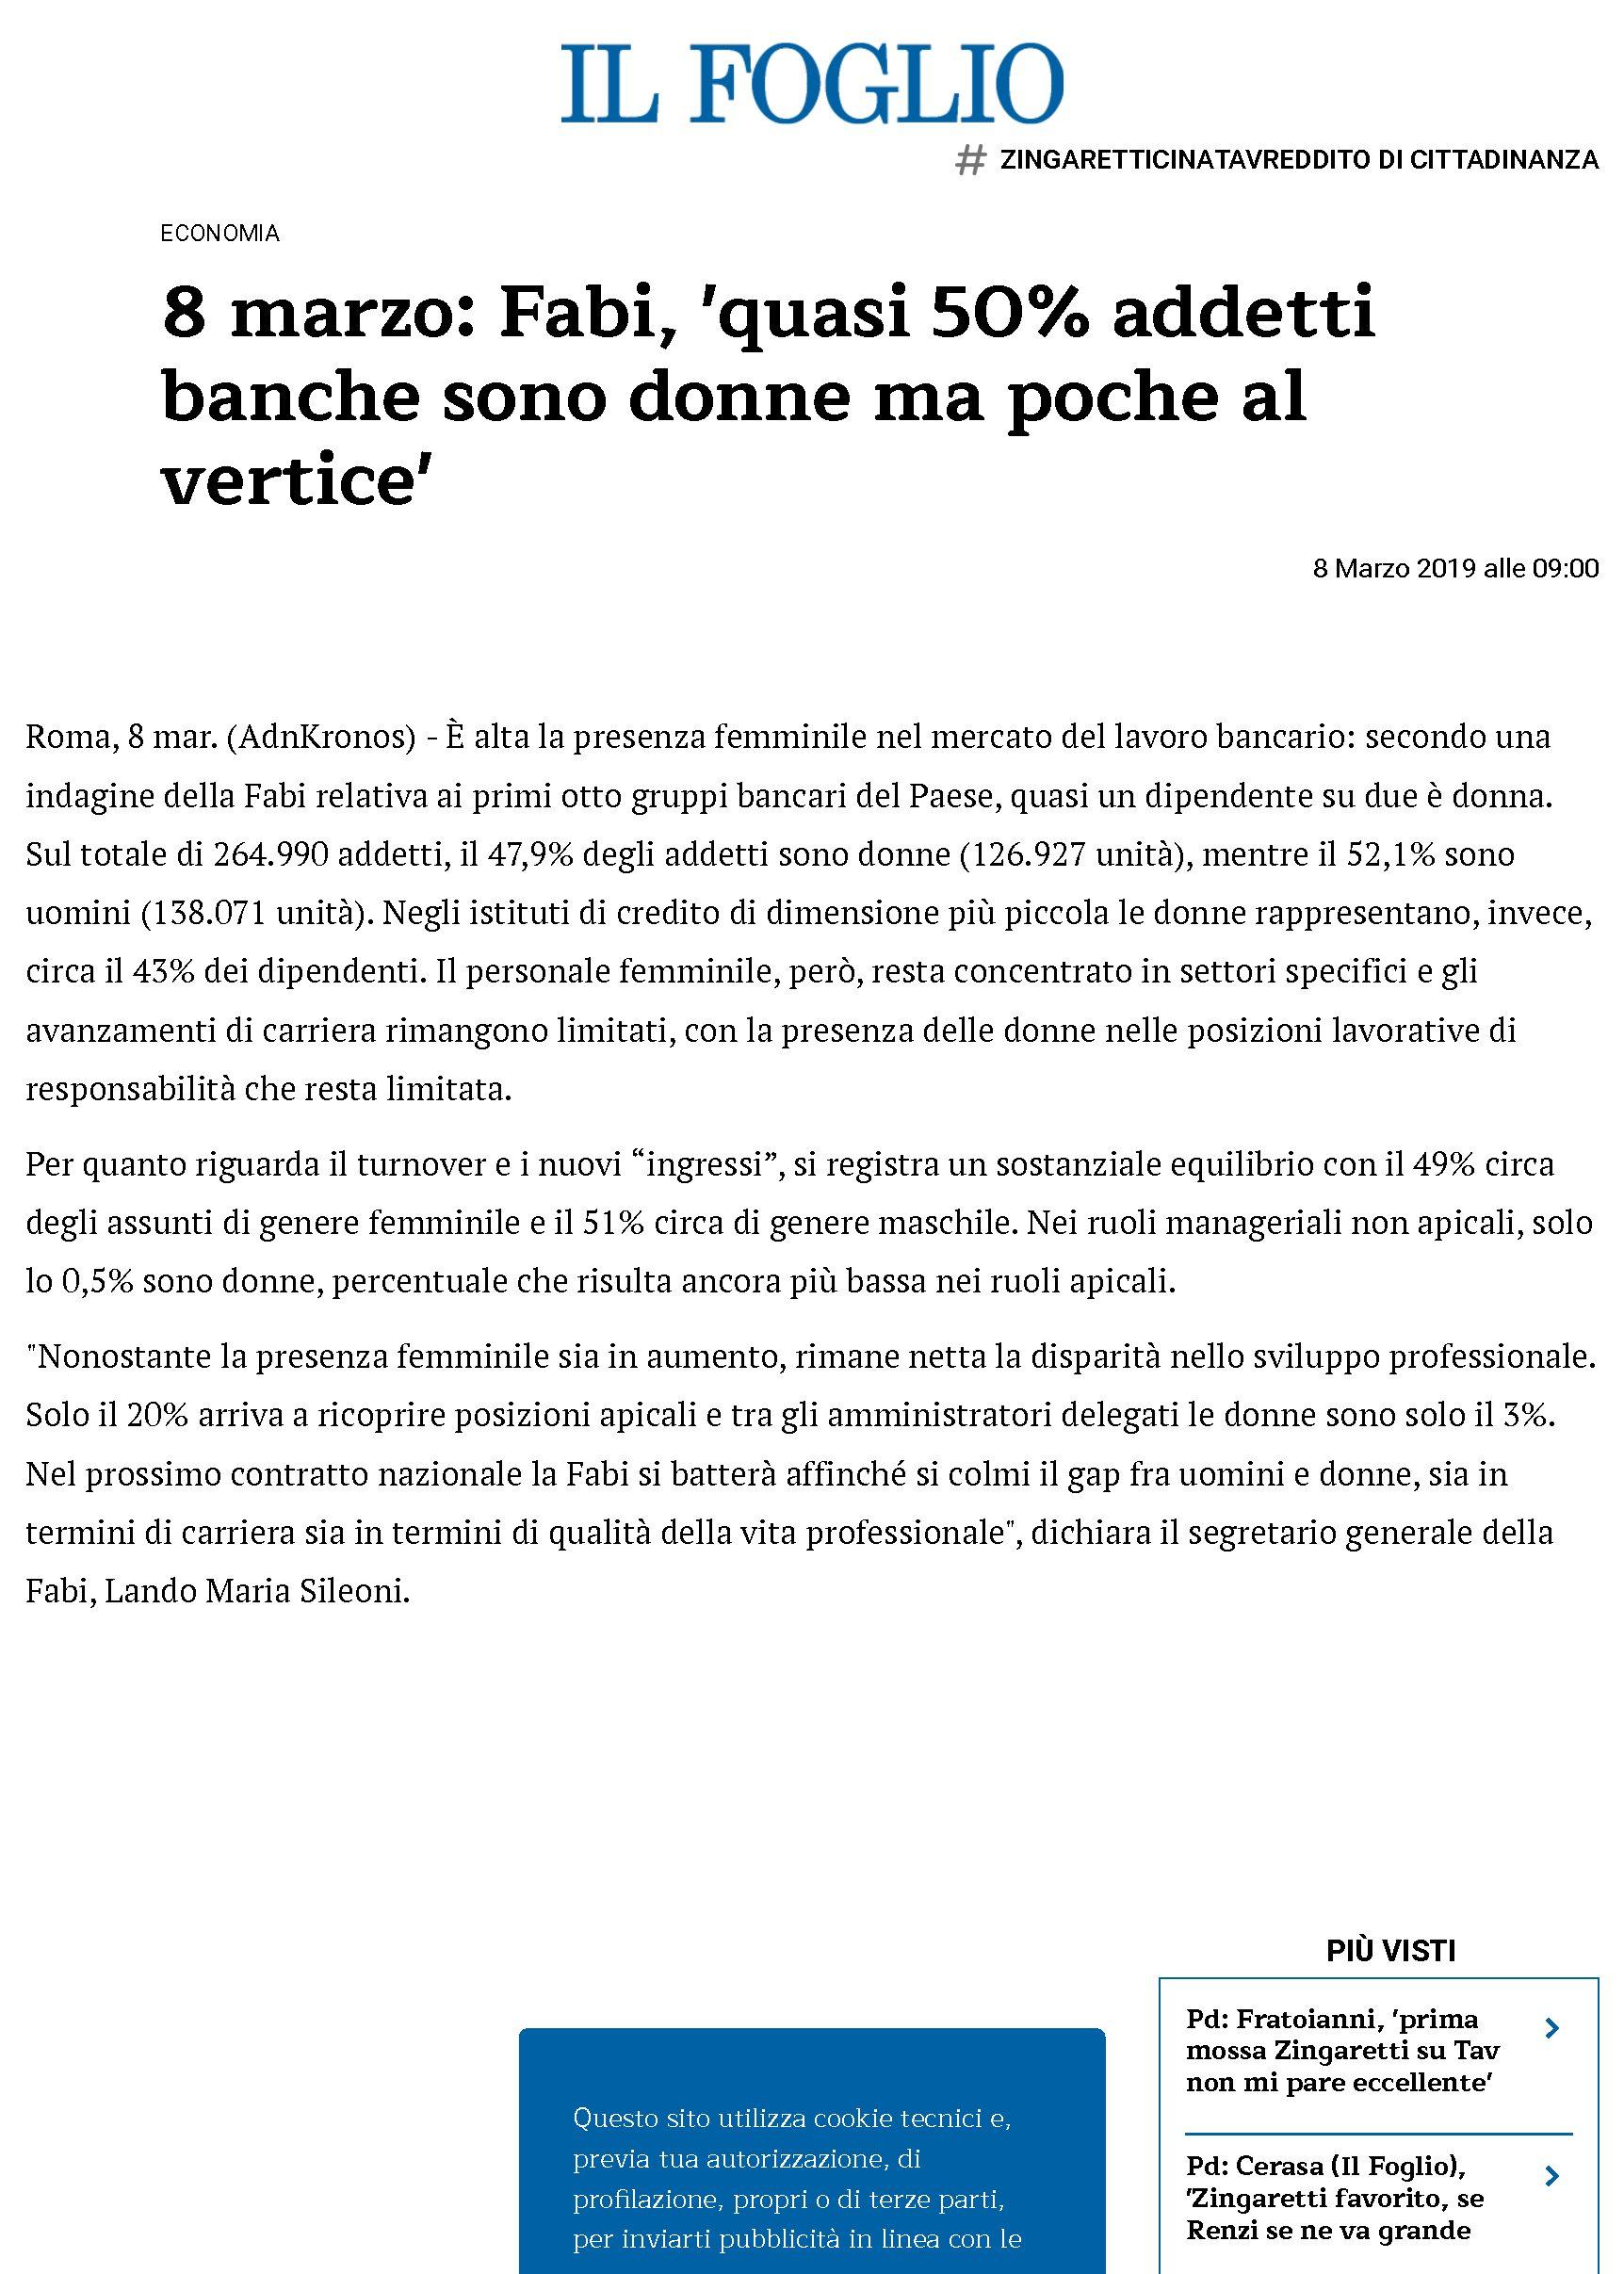 ILFOGLIO_08032019_PDF